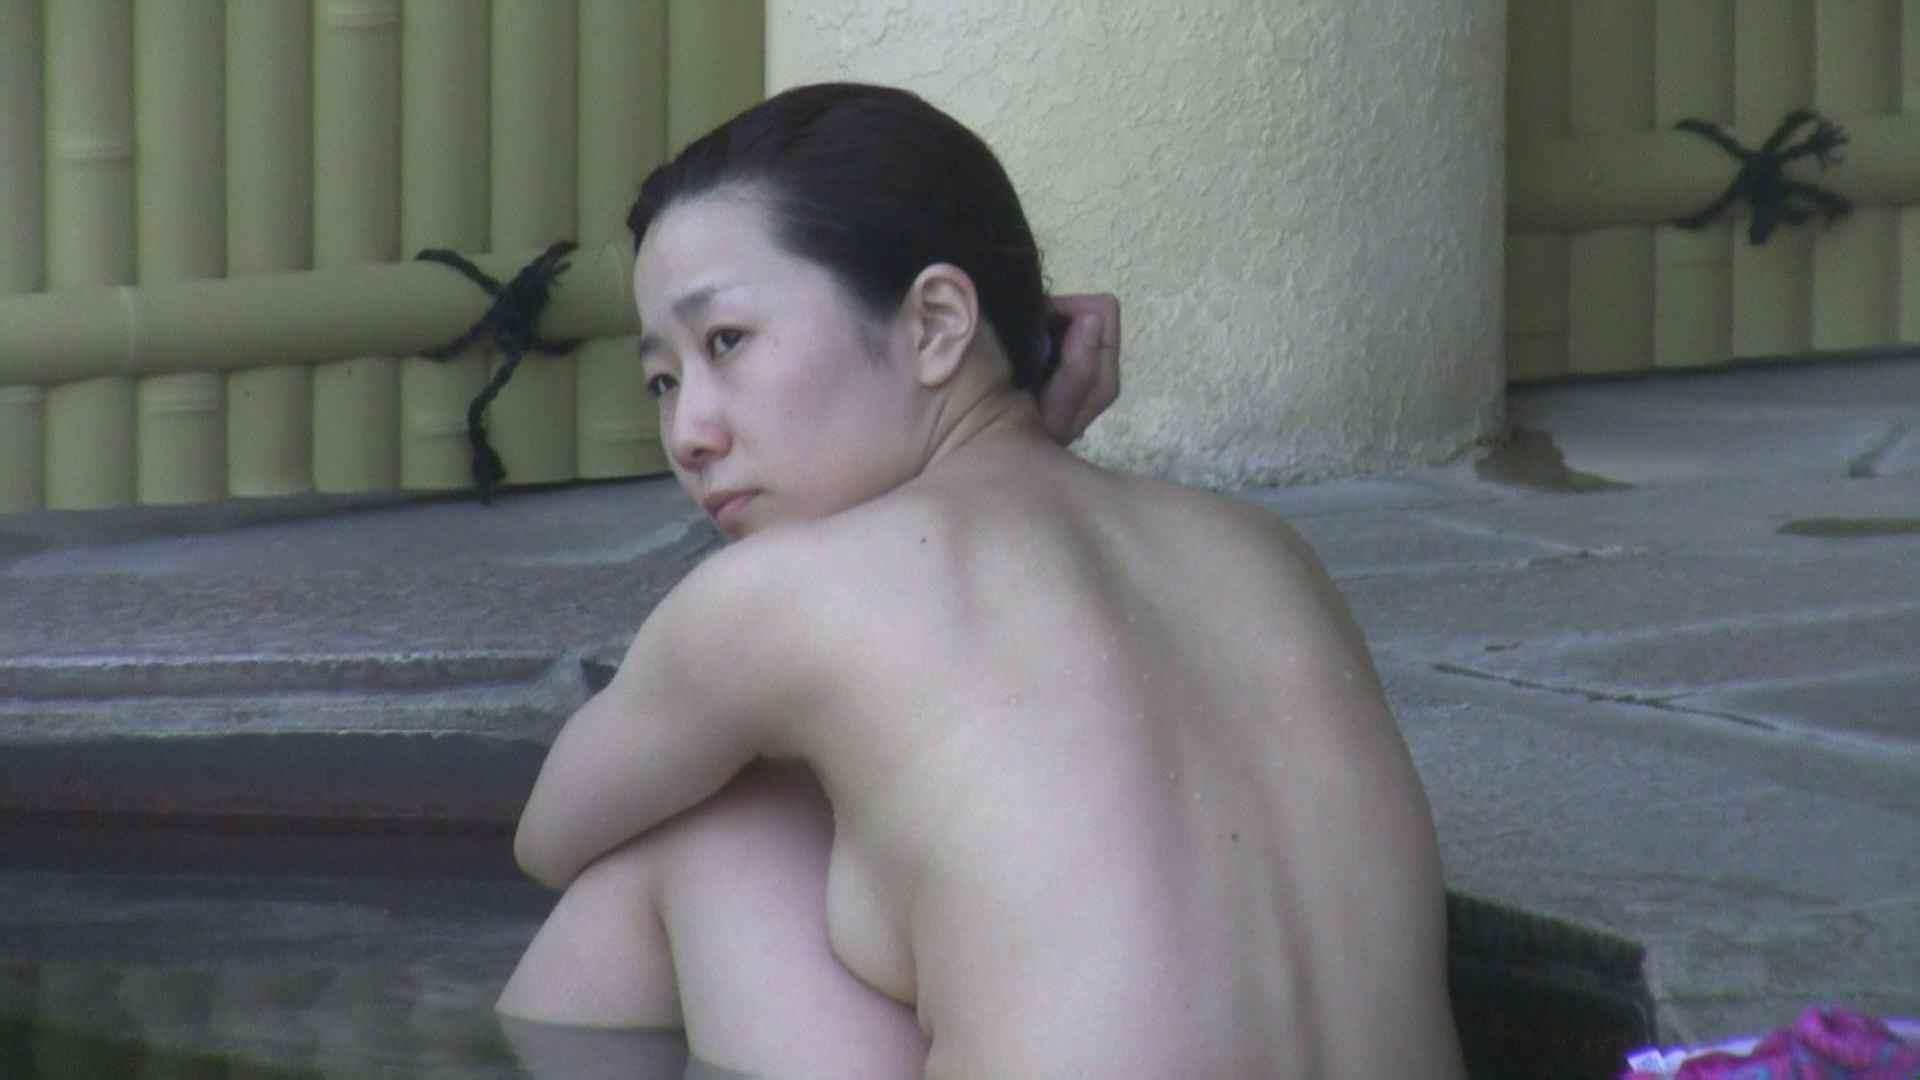 Aquaな露天風呂Vol.88【VIP限定】 0  70pic 16